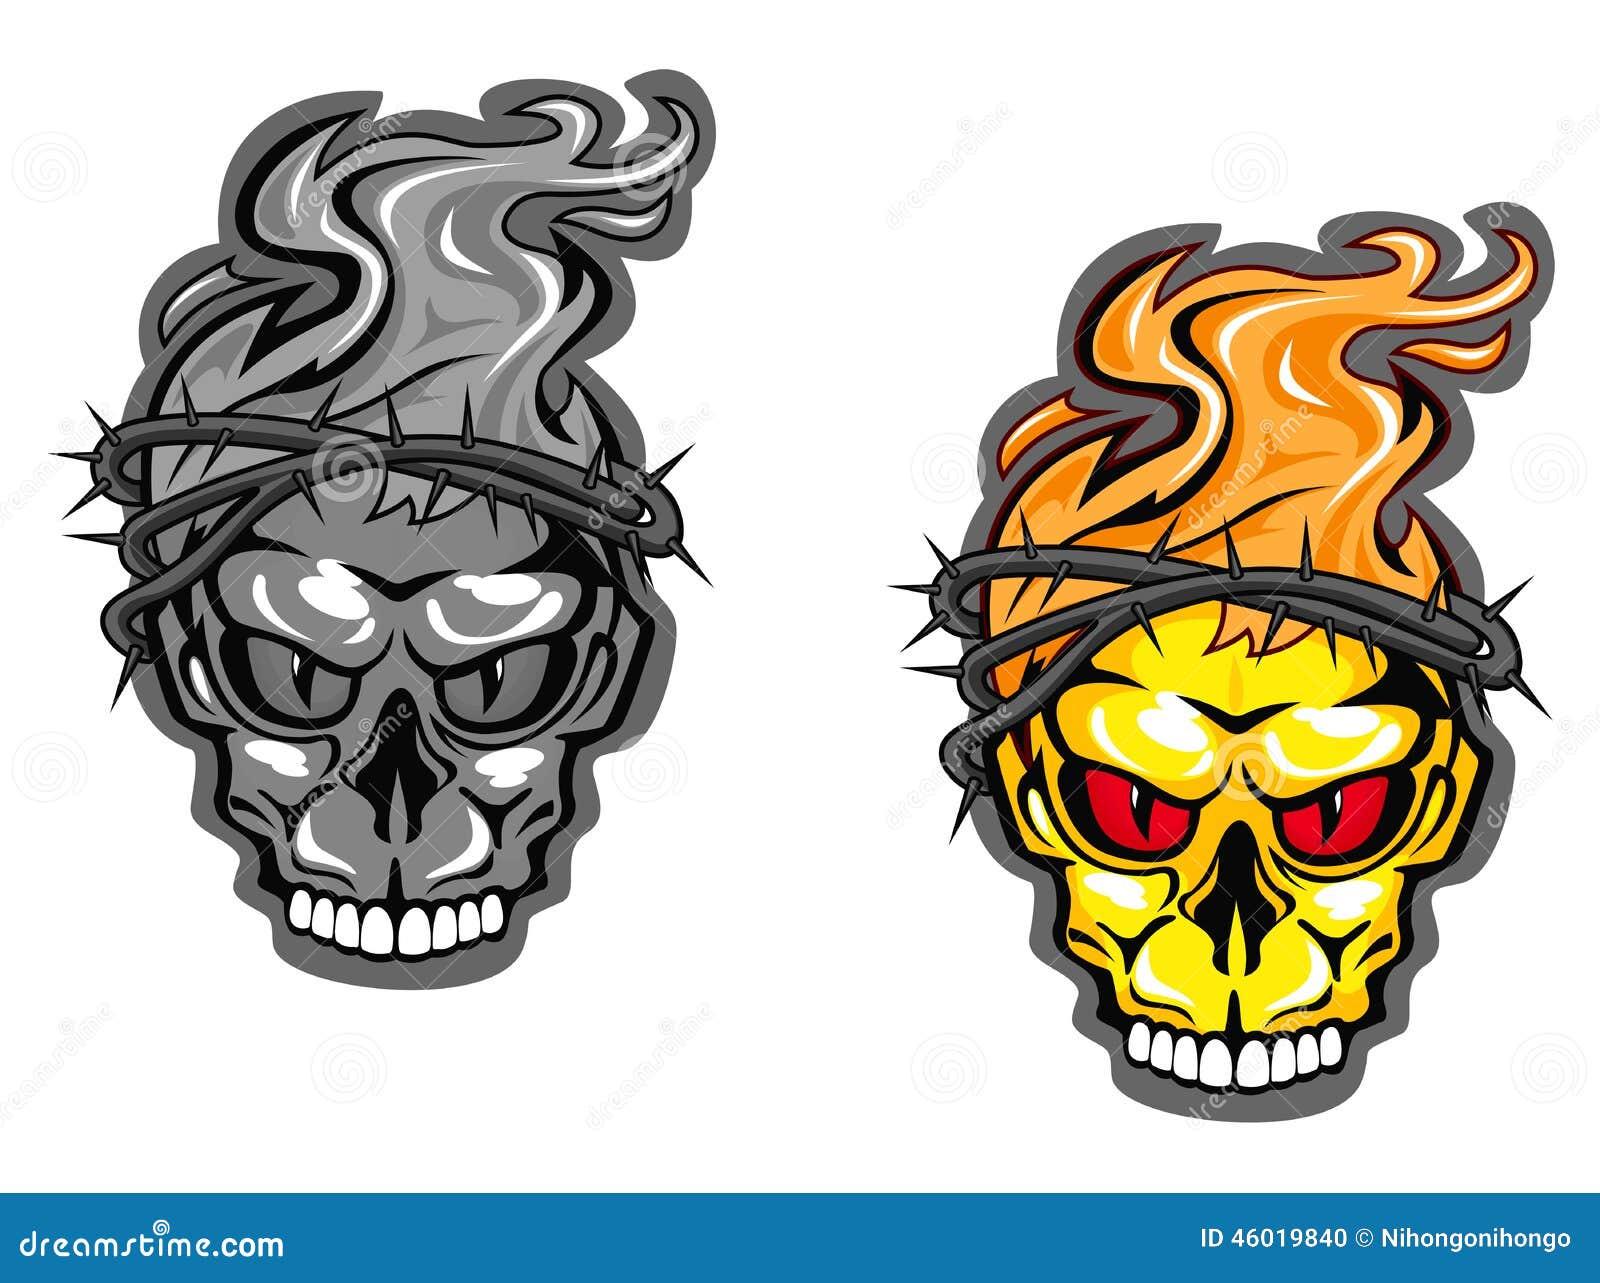 Skull tattoos stock vector. Illustration of bone, dead - 46019840